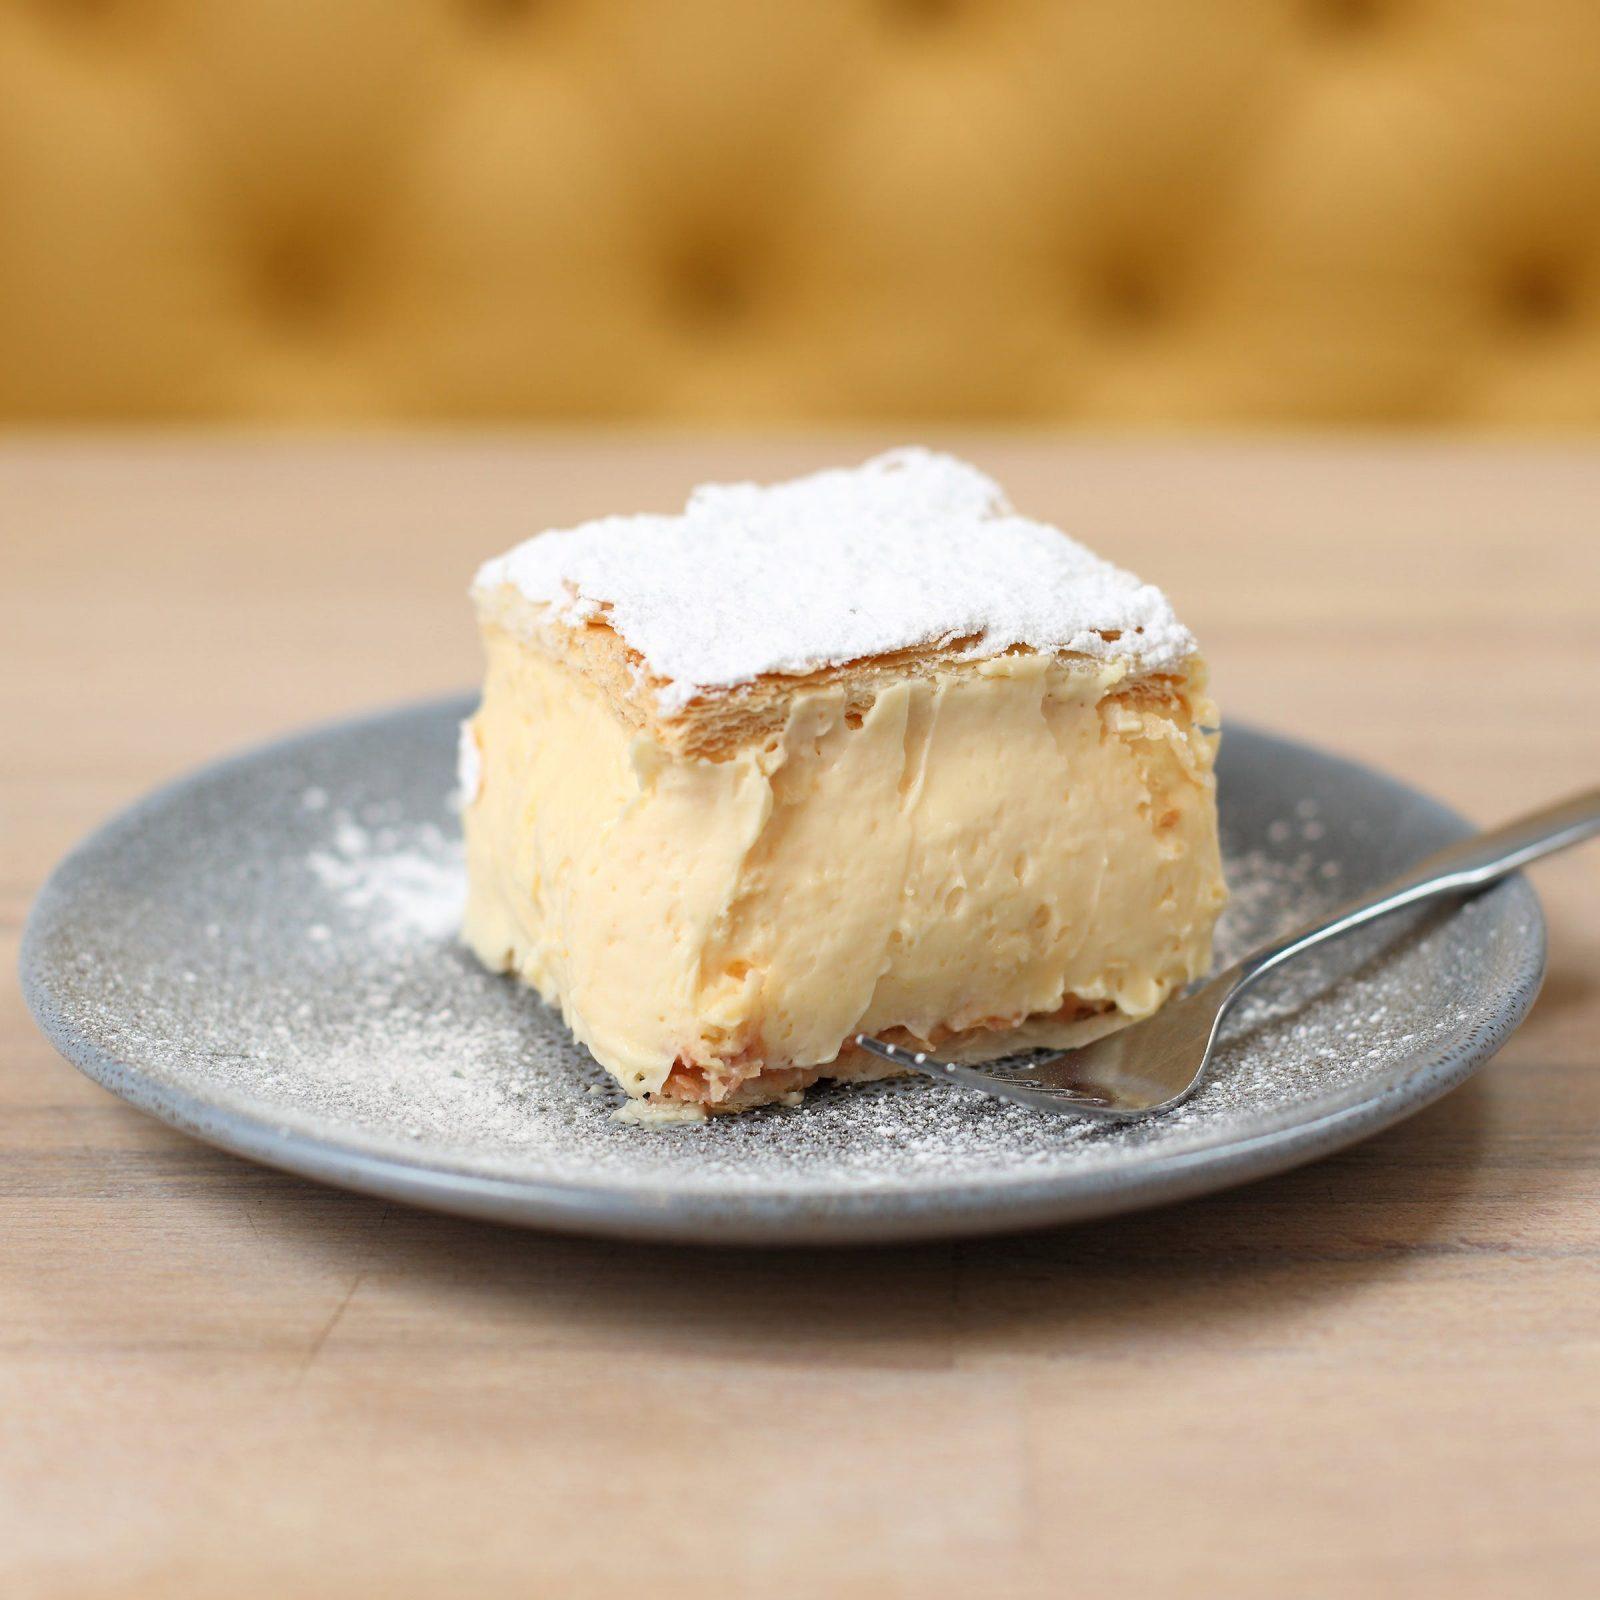 Their famous Vanilla Slice